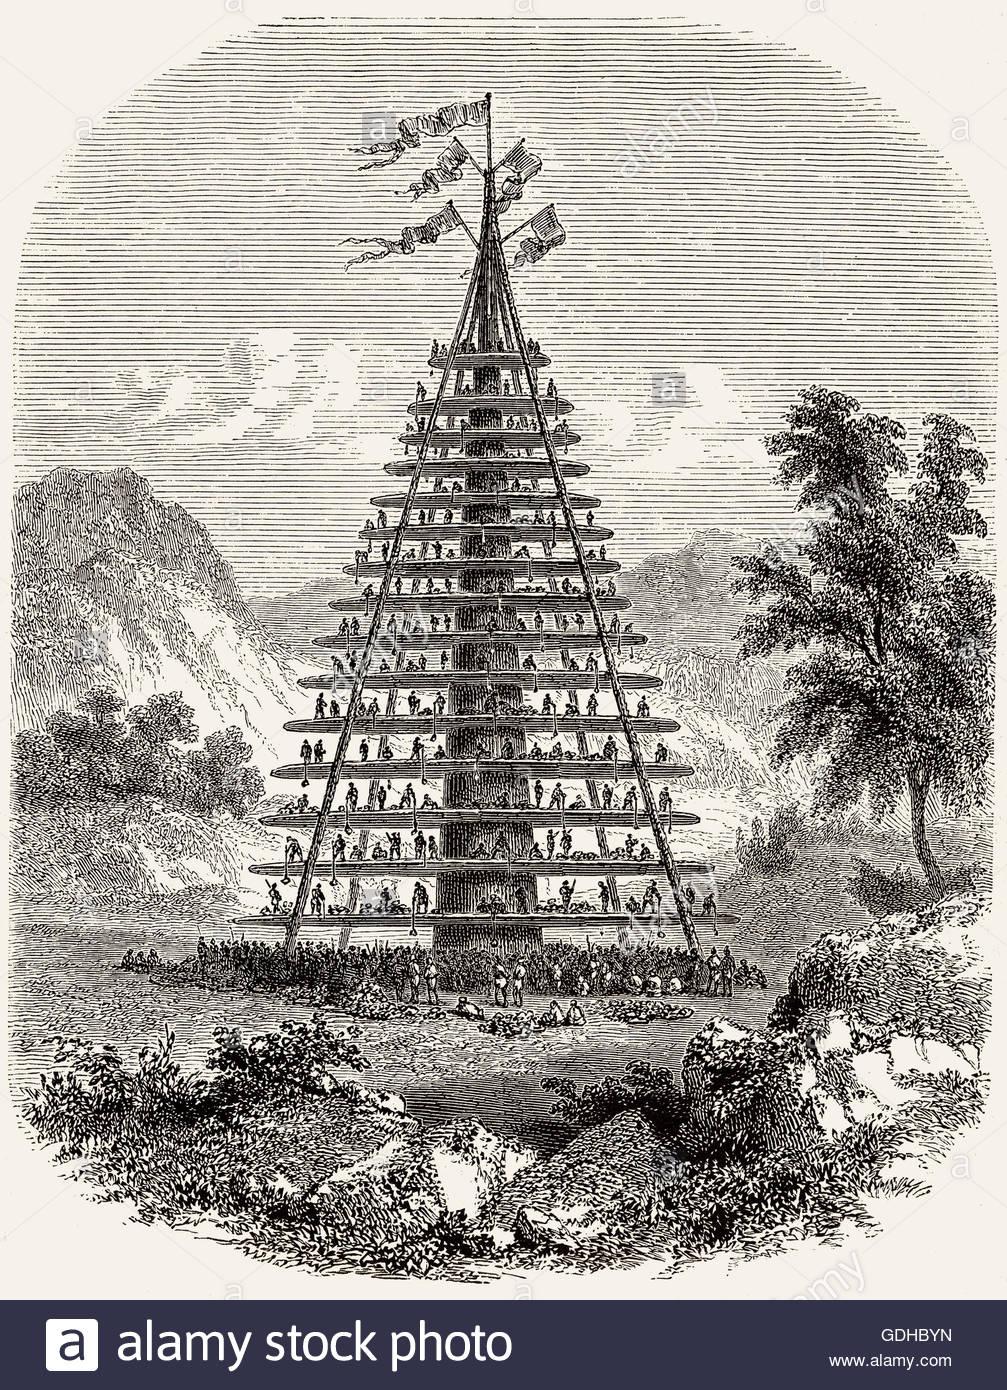 Una gigantesca fiesta hakari etapa, maorí, Nueva Zelanda, del siglo XIX.